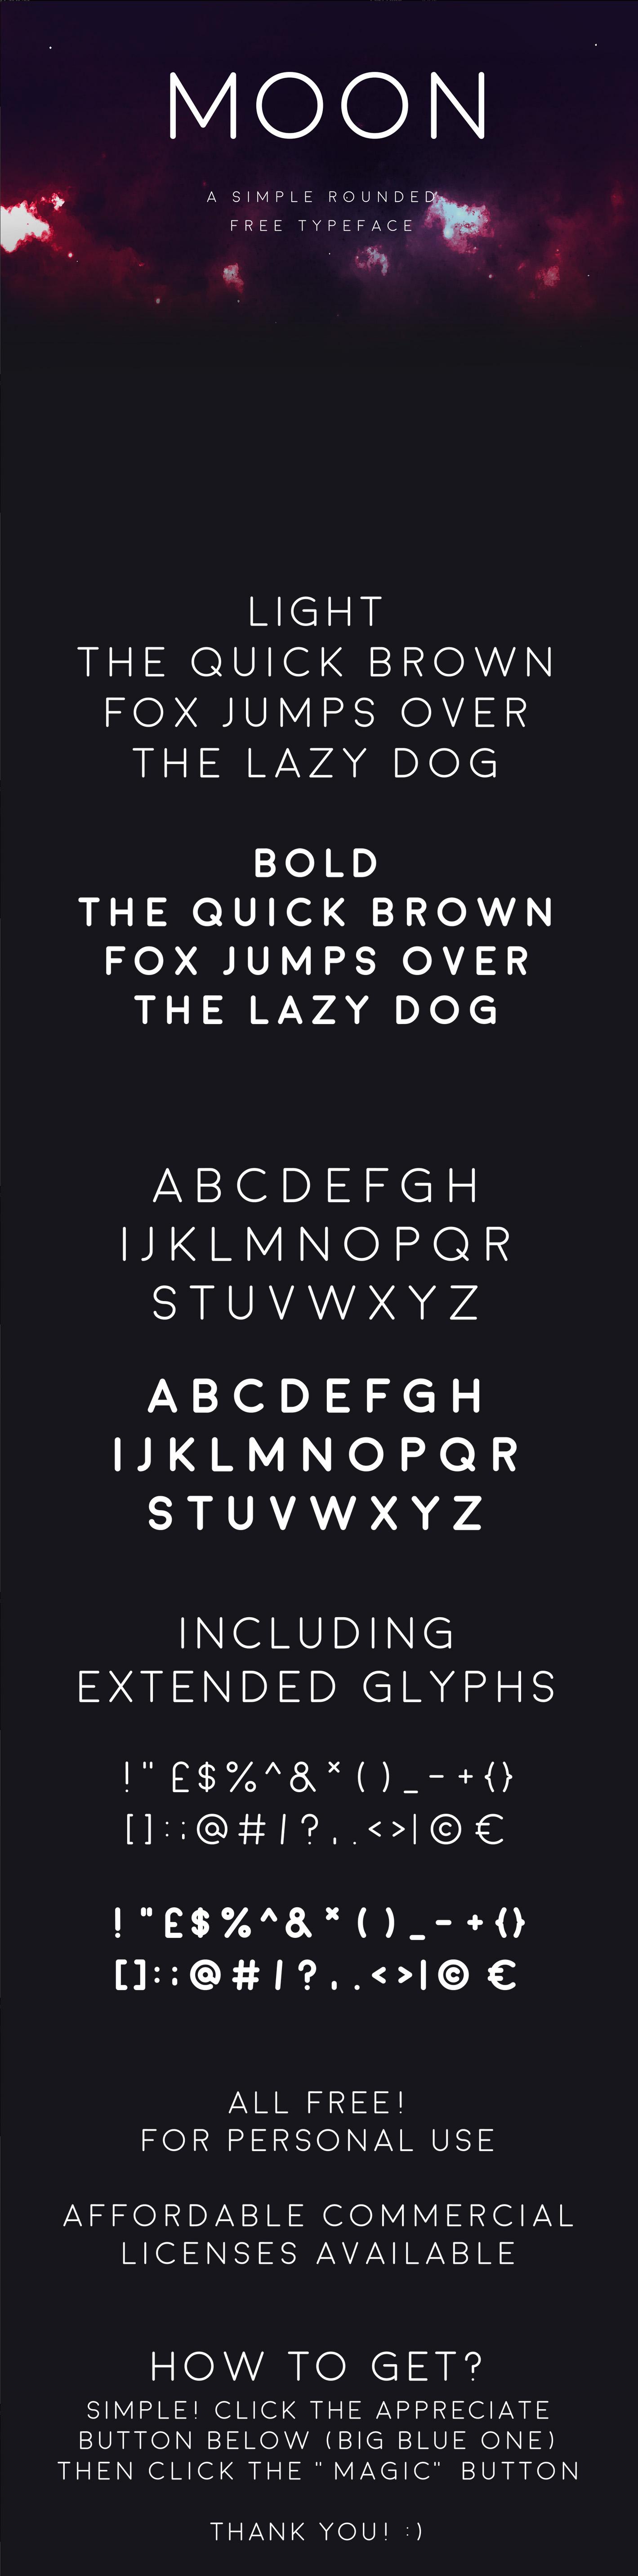 Moon free premium typeface